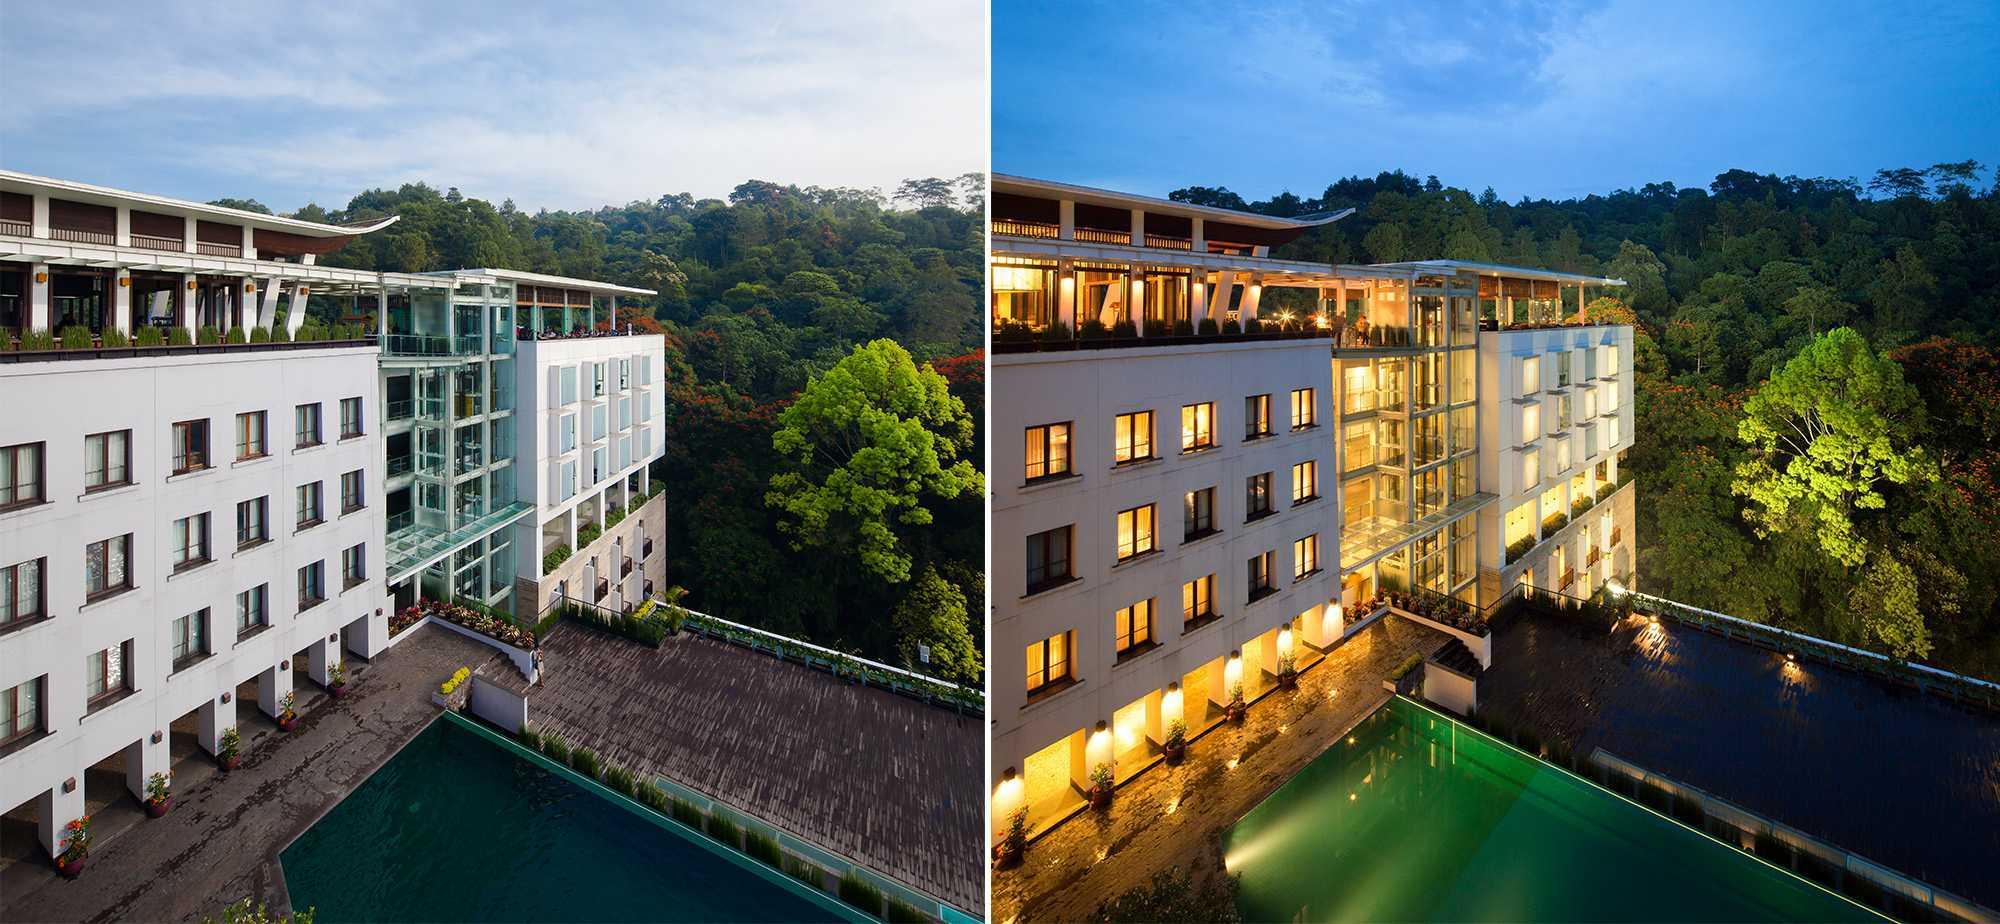 Enviro Tec Padma Hotel Bandung Bandung Bandung Exterior View Modern  14680